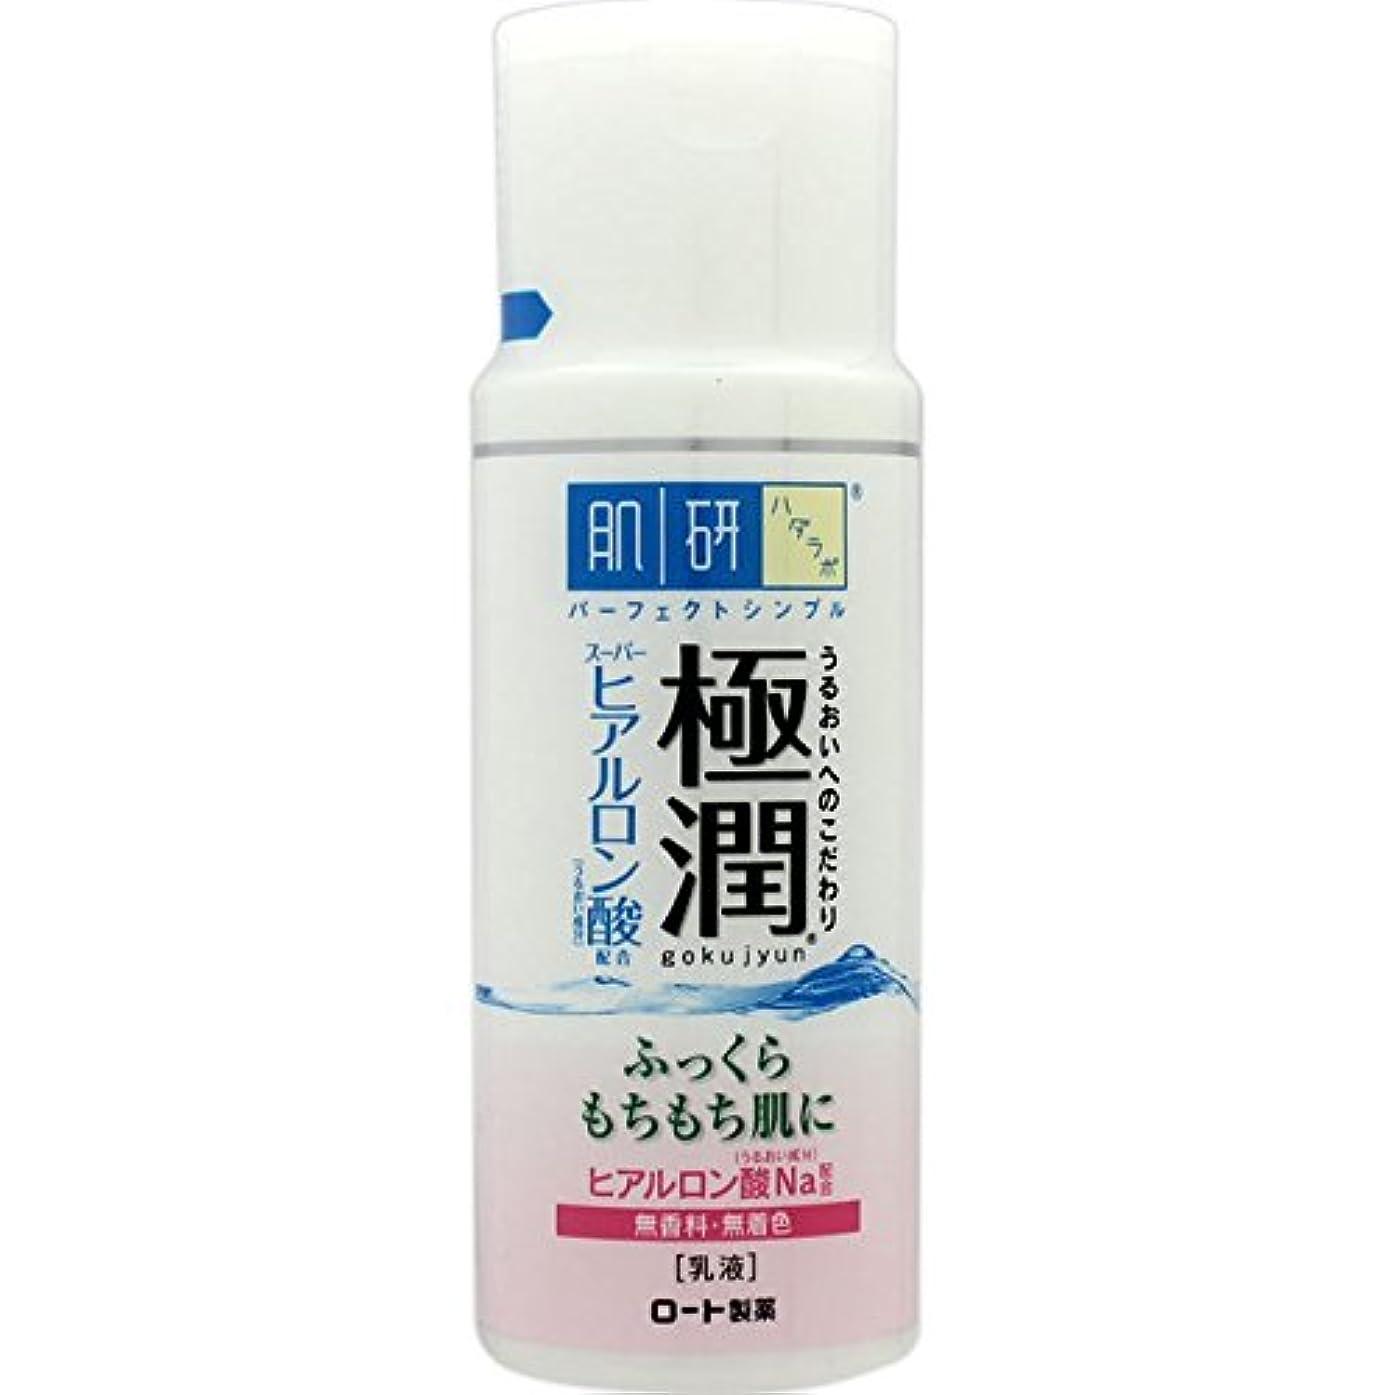 まばたきキャストれんがロート製薬 肌研 極潤 ヒアルロン乳液140ml×10本 ヒアルロン酸 弱酸性